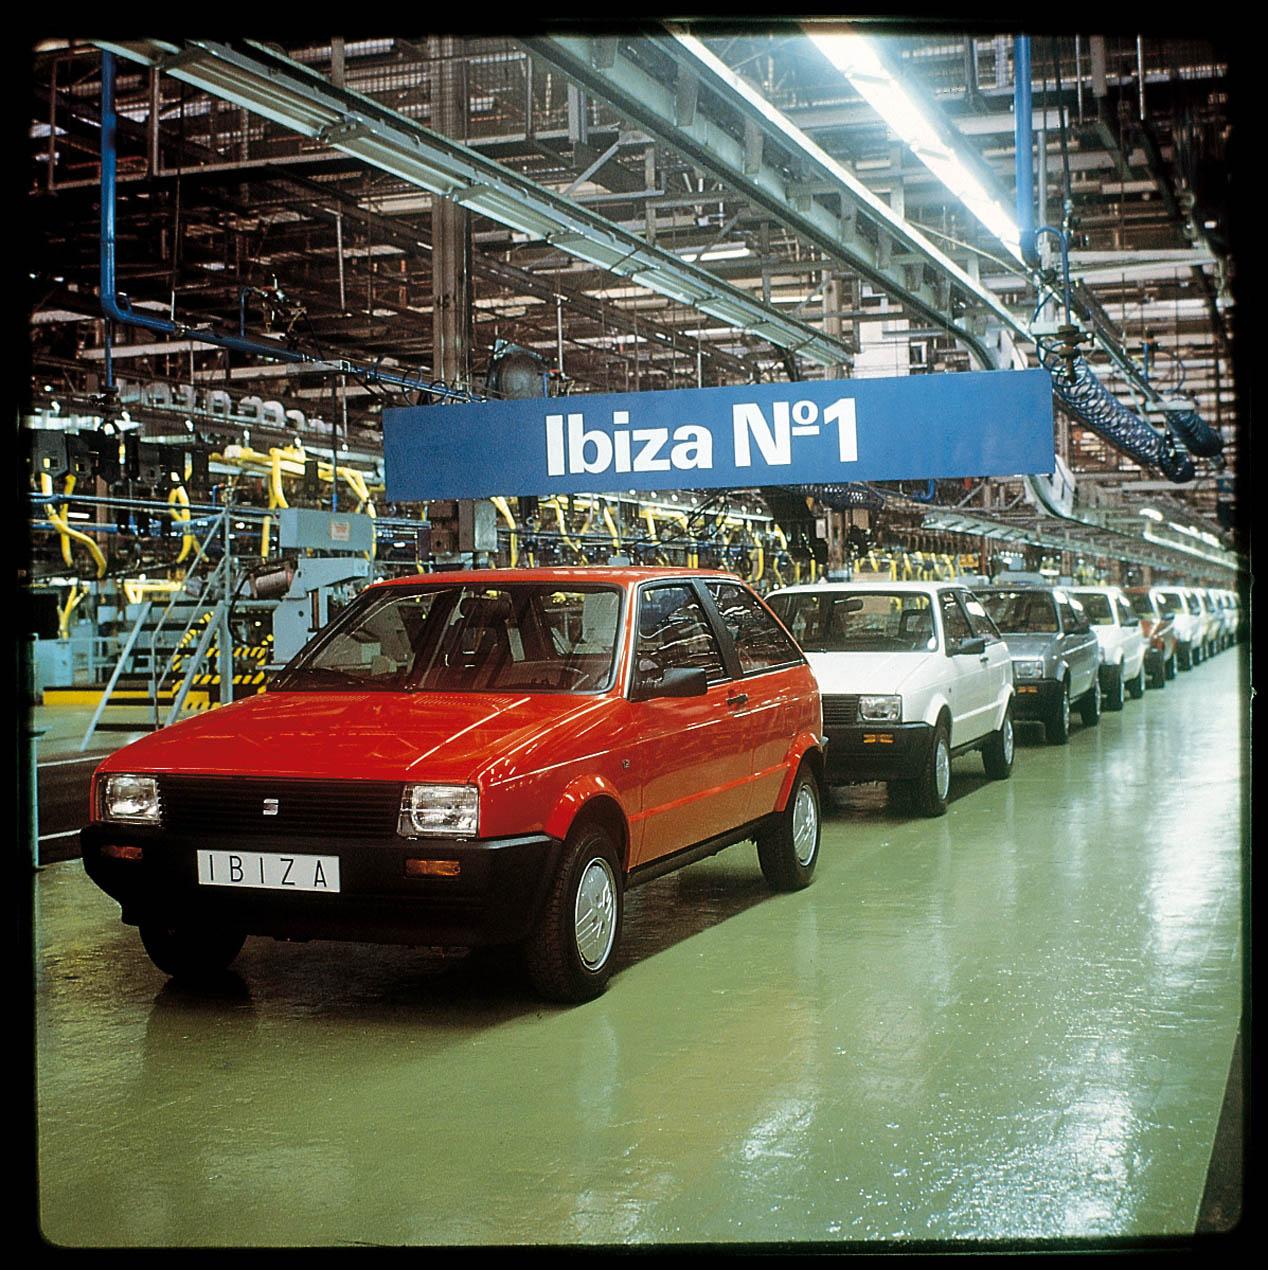 Un icono español que estrena nueva generación, el Seat Ibiza